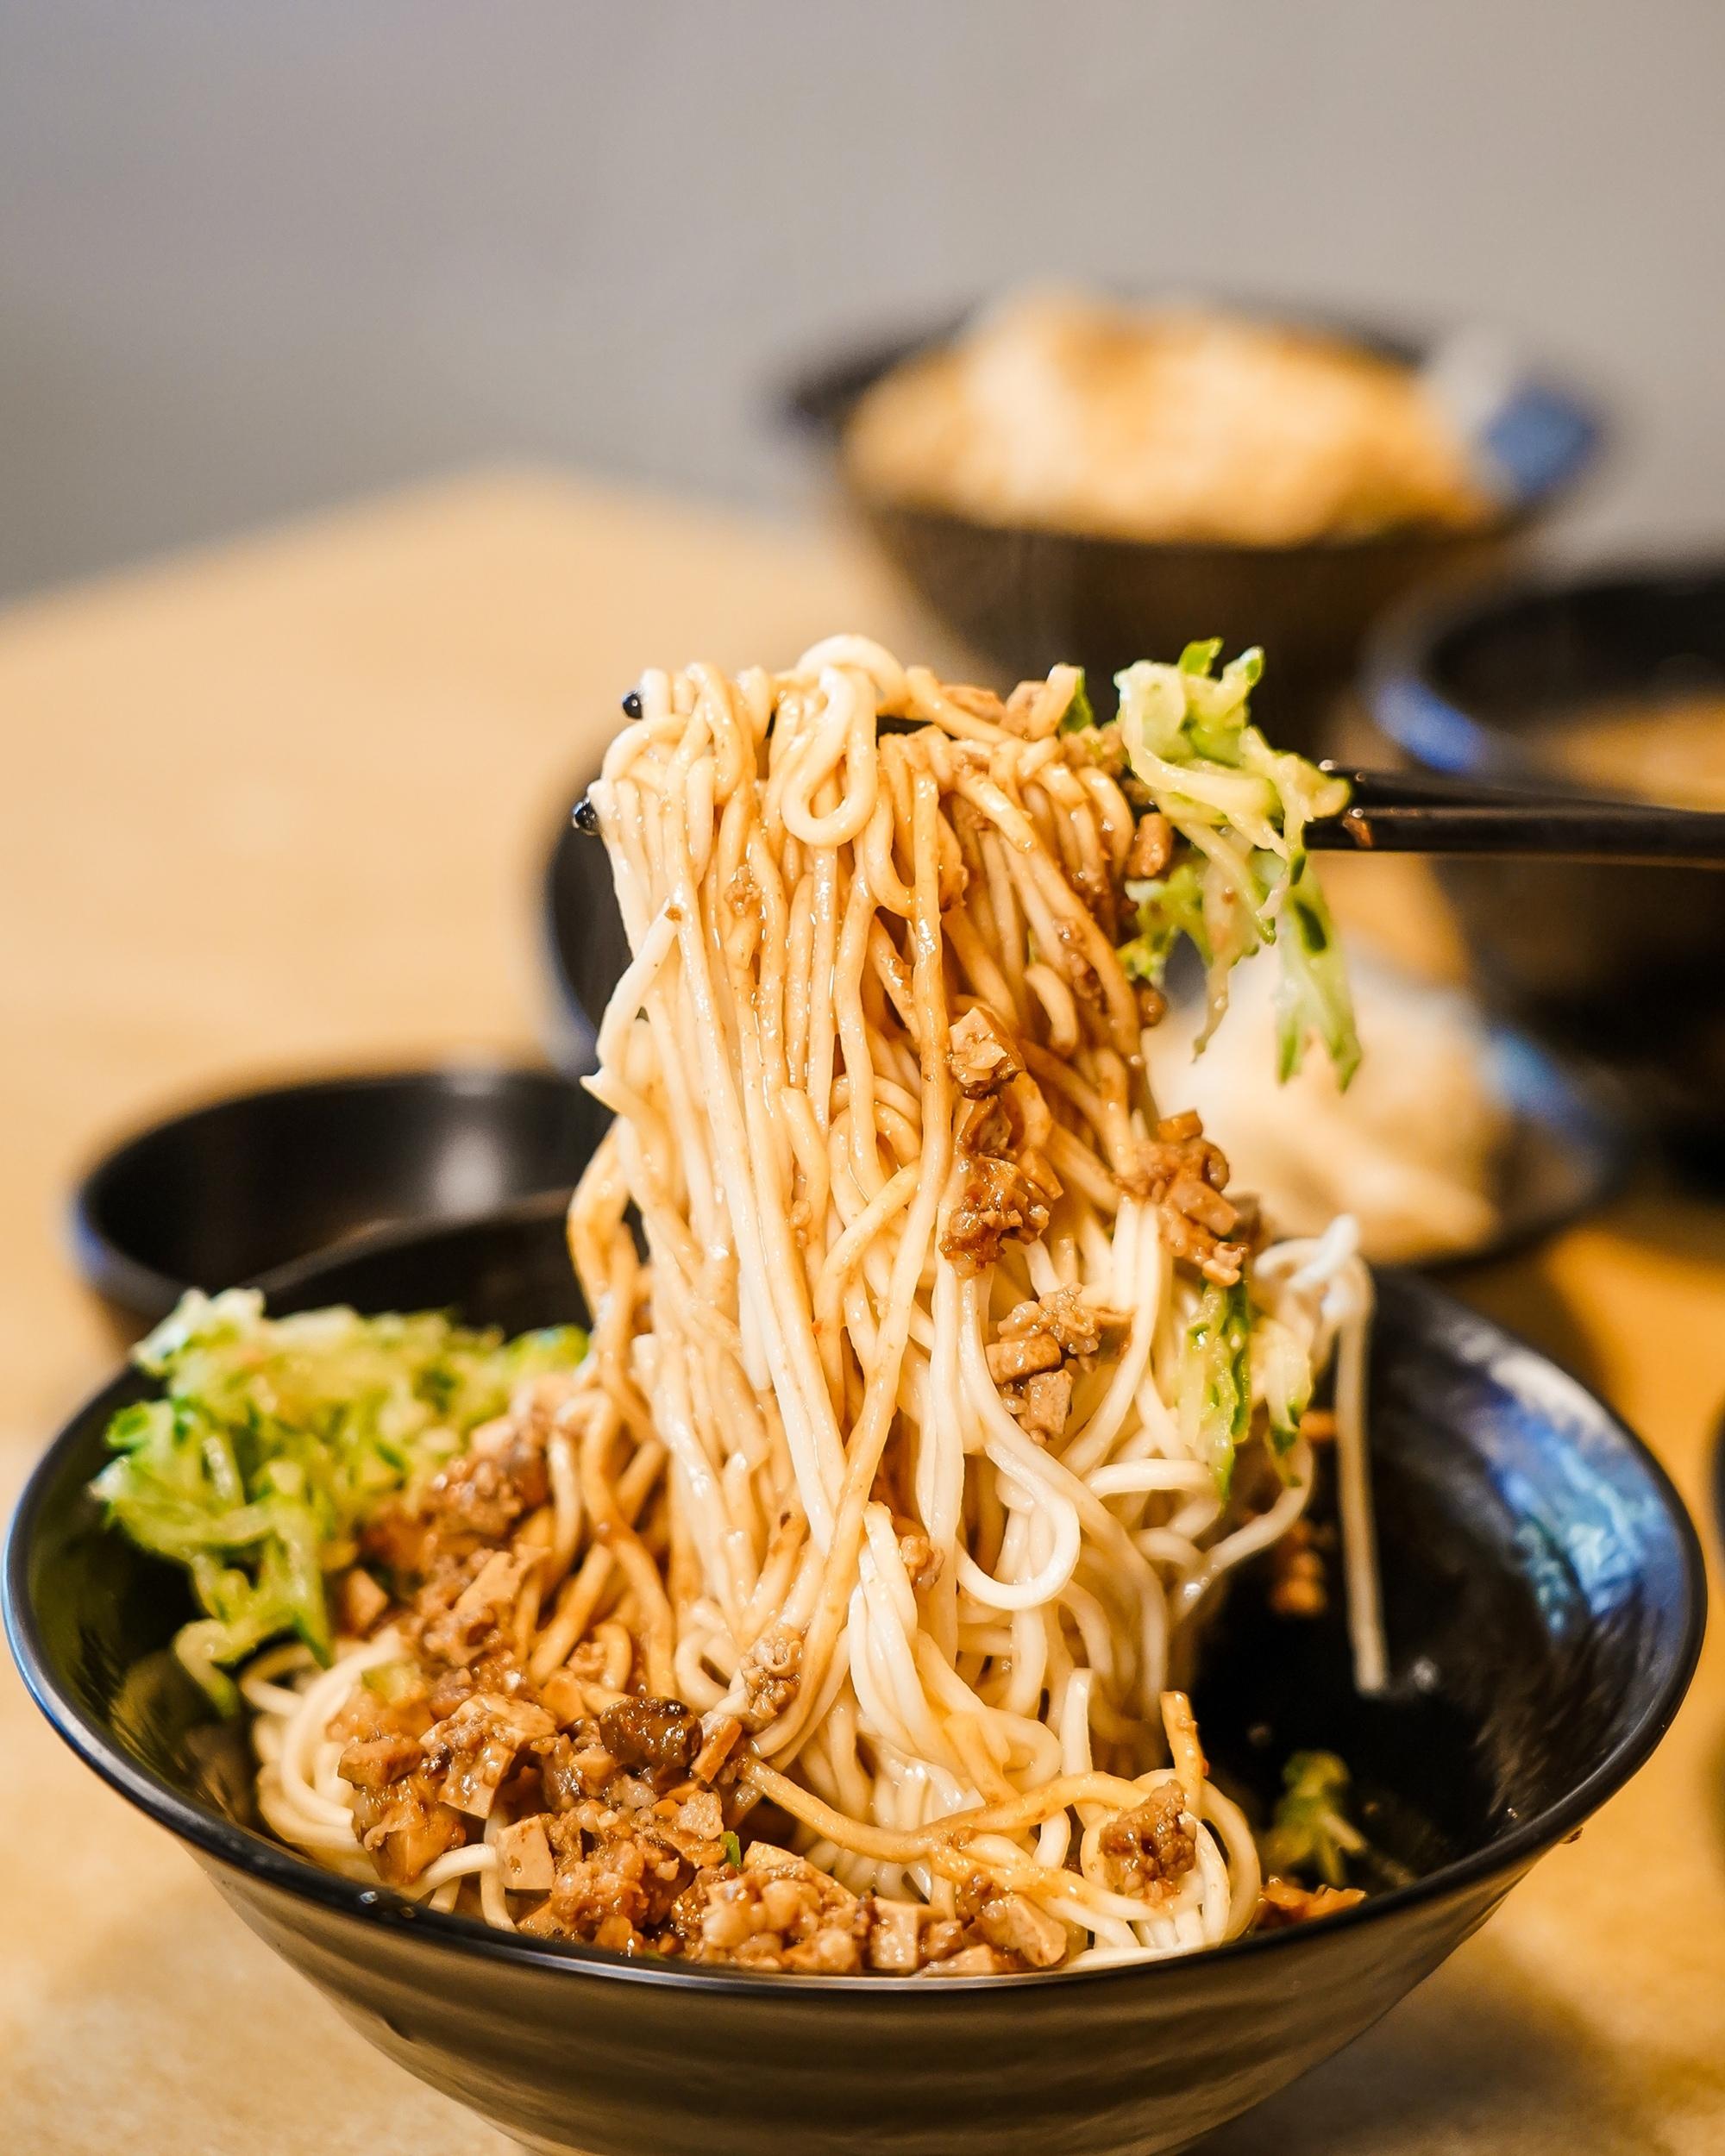 台南中西區美食 東城麵家 結合hiphop與街頭文化的潮流麵店27.jpg